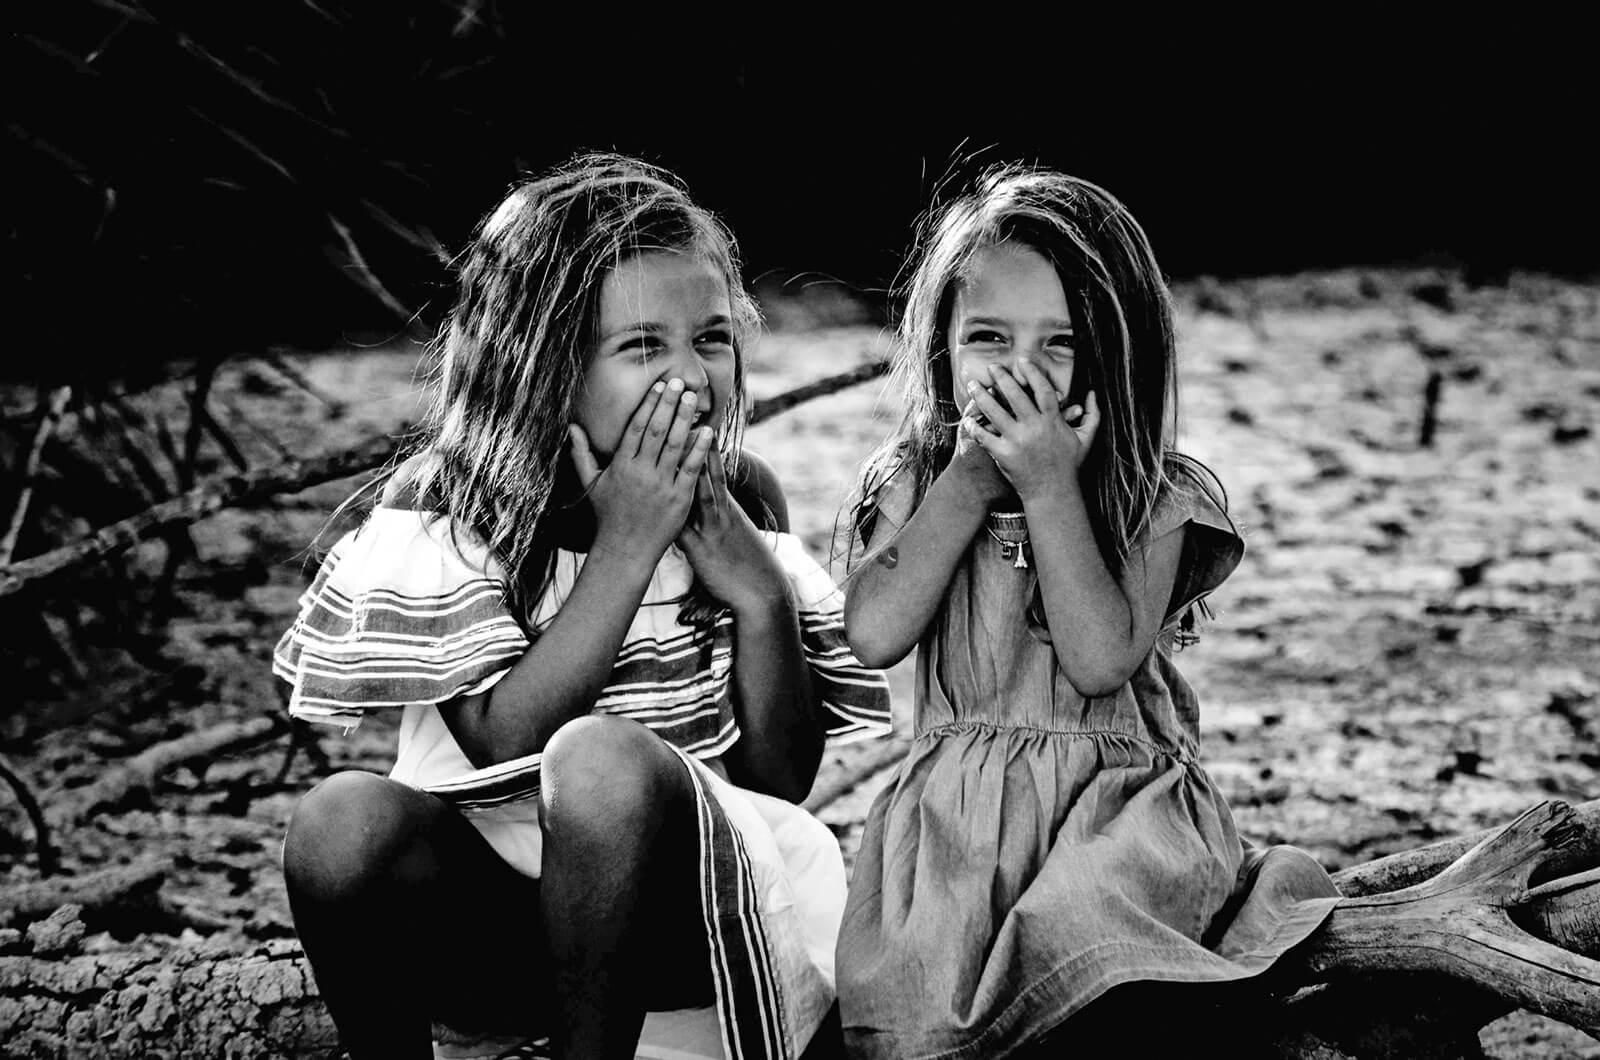 Duas meninas divertidas, sentadas sobre um tronco de árvore no chão.